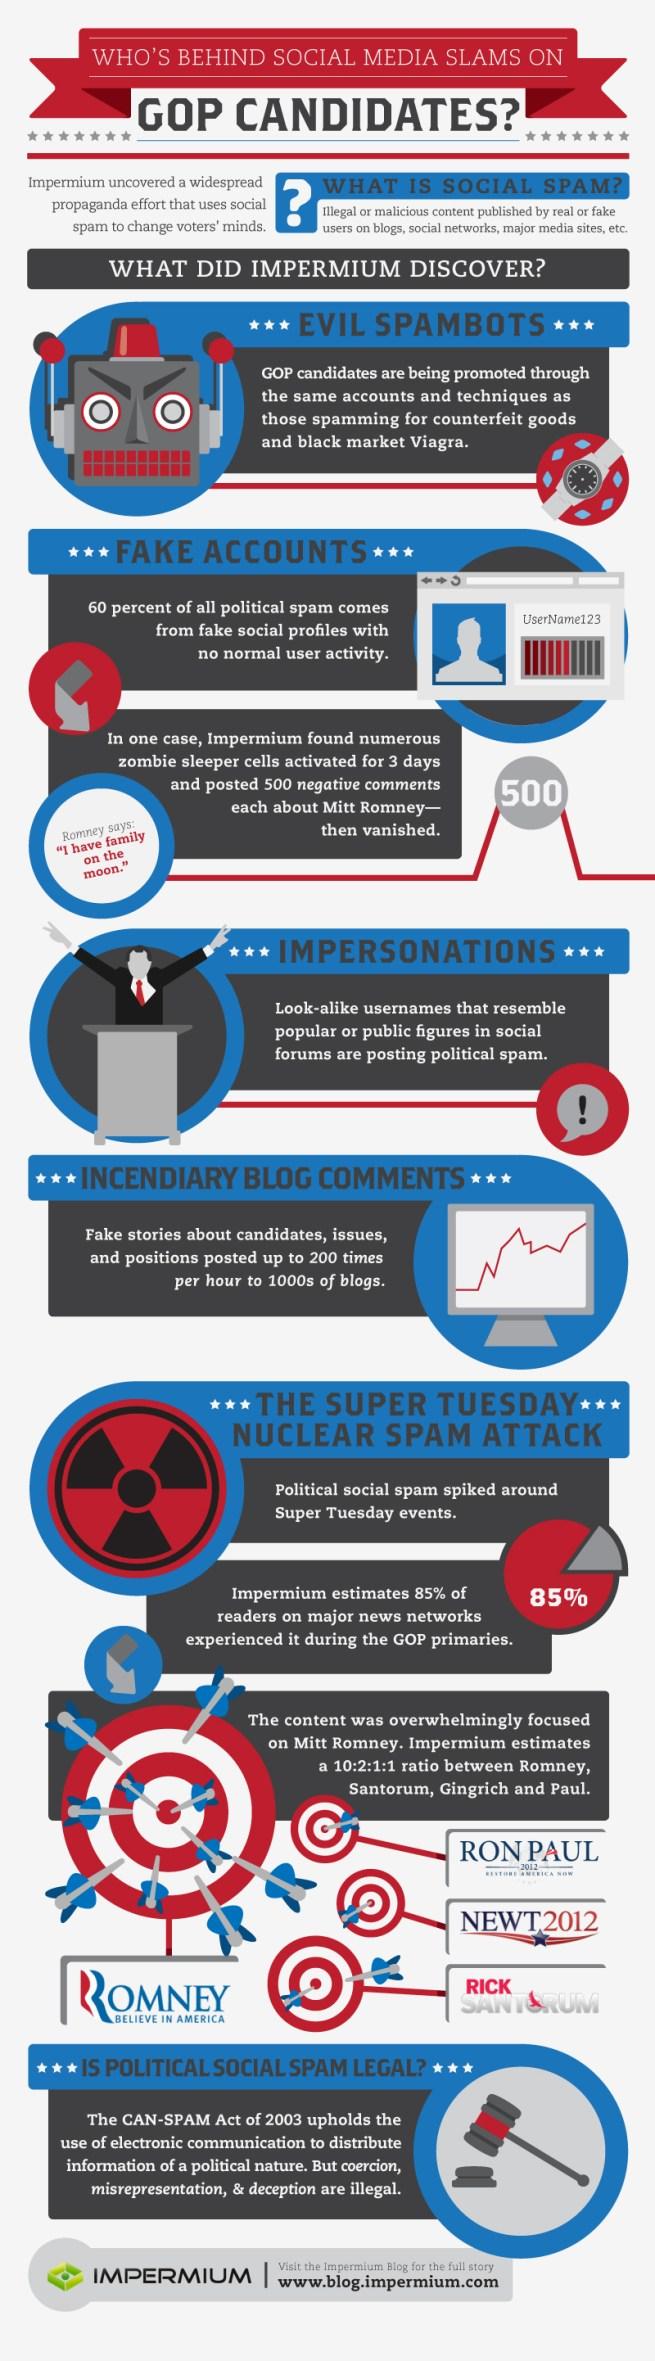 Social-Spam-in-GOP-Primaries-Impermium-Index-Infographic